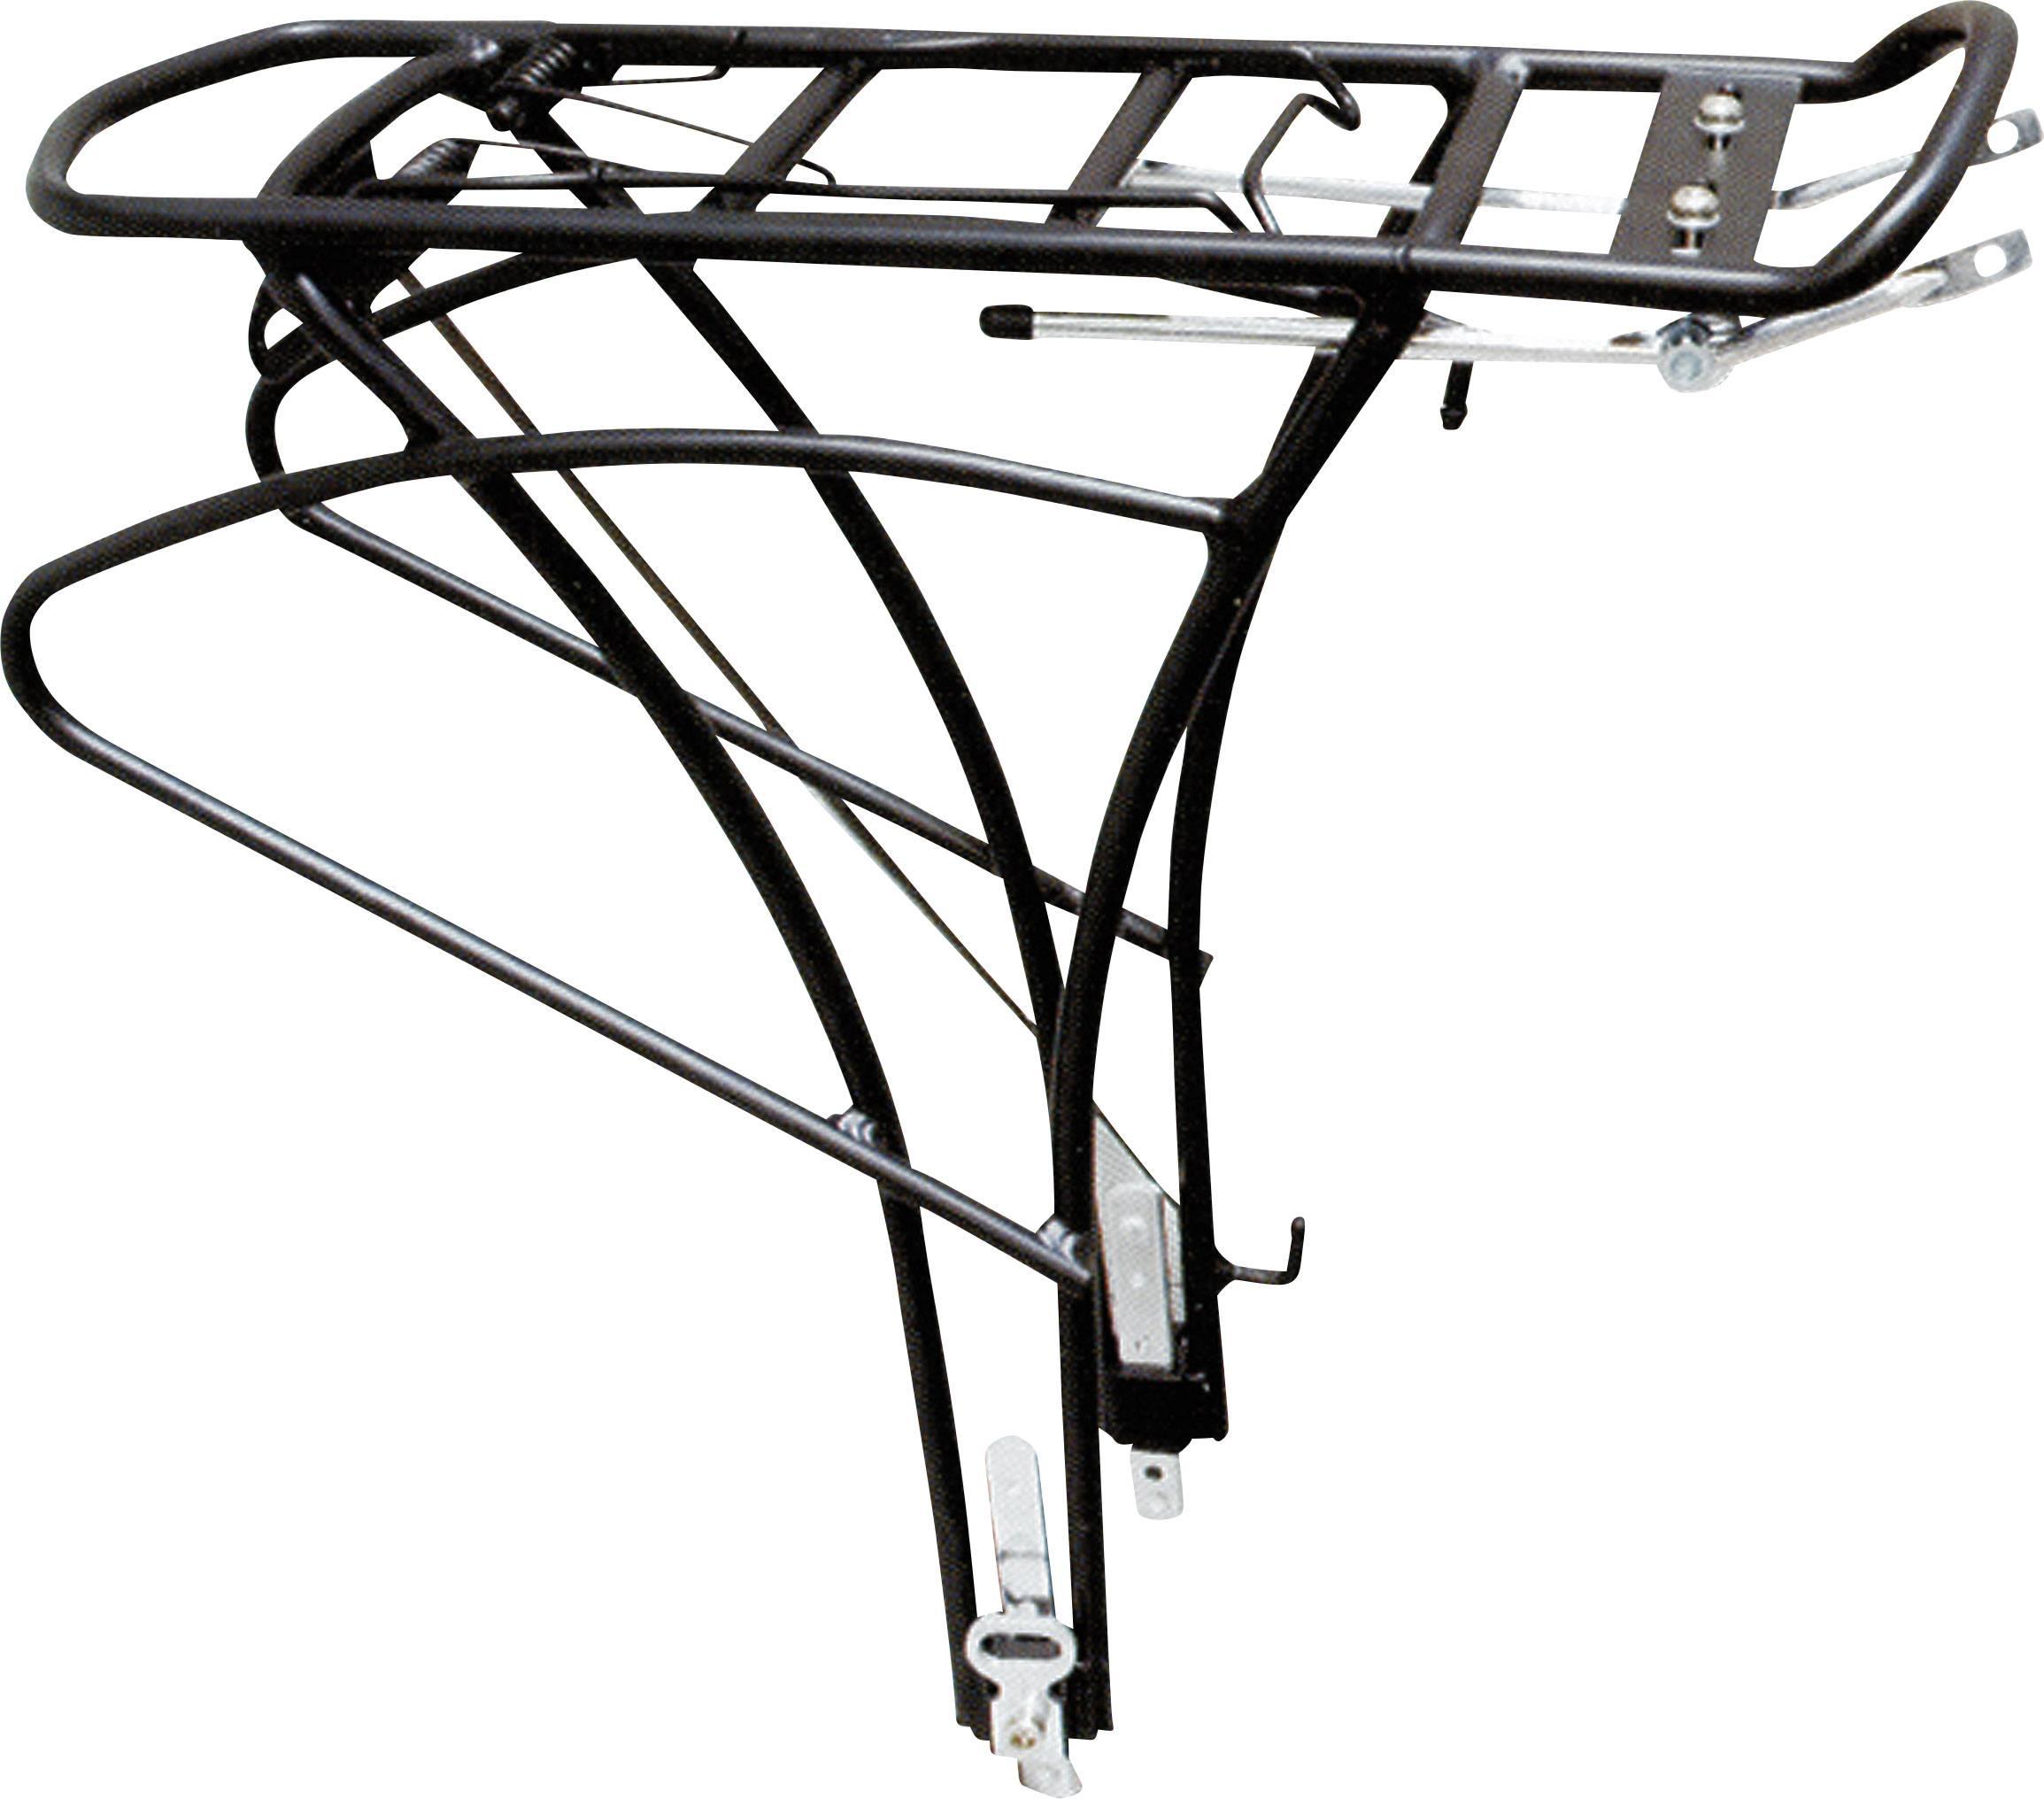 Portapacchi per bicicletta FOX Parts 5059500 Nero